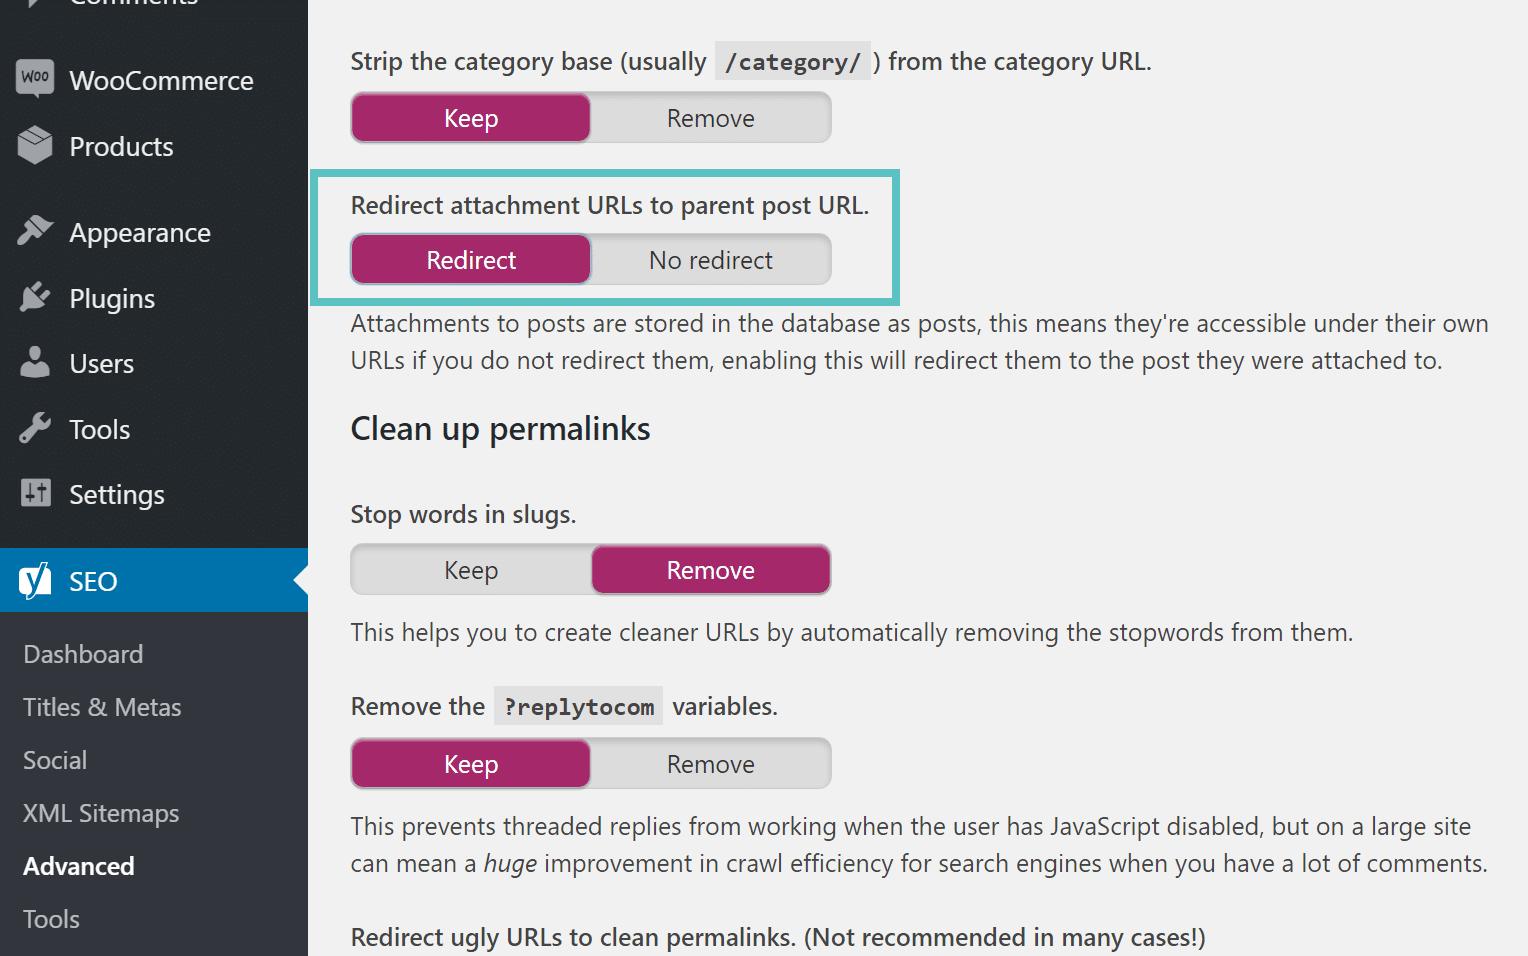 Rediriger les URLs des fichiers joints vers les pages parentes